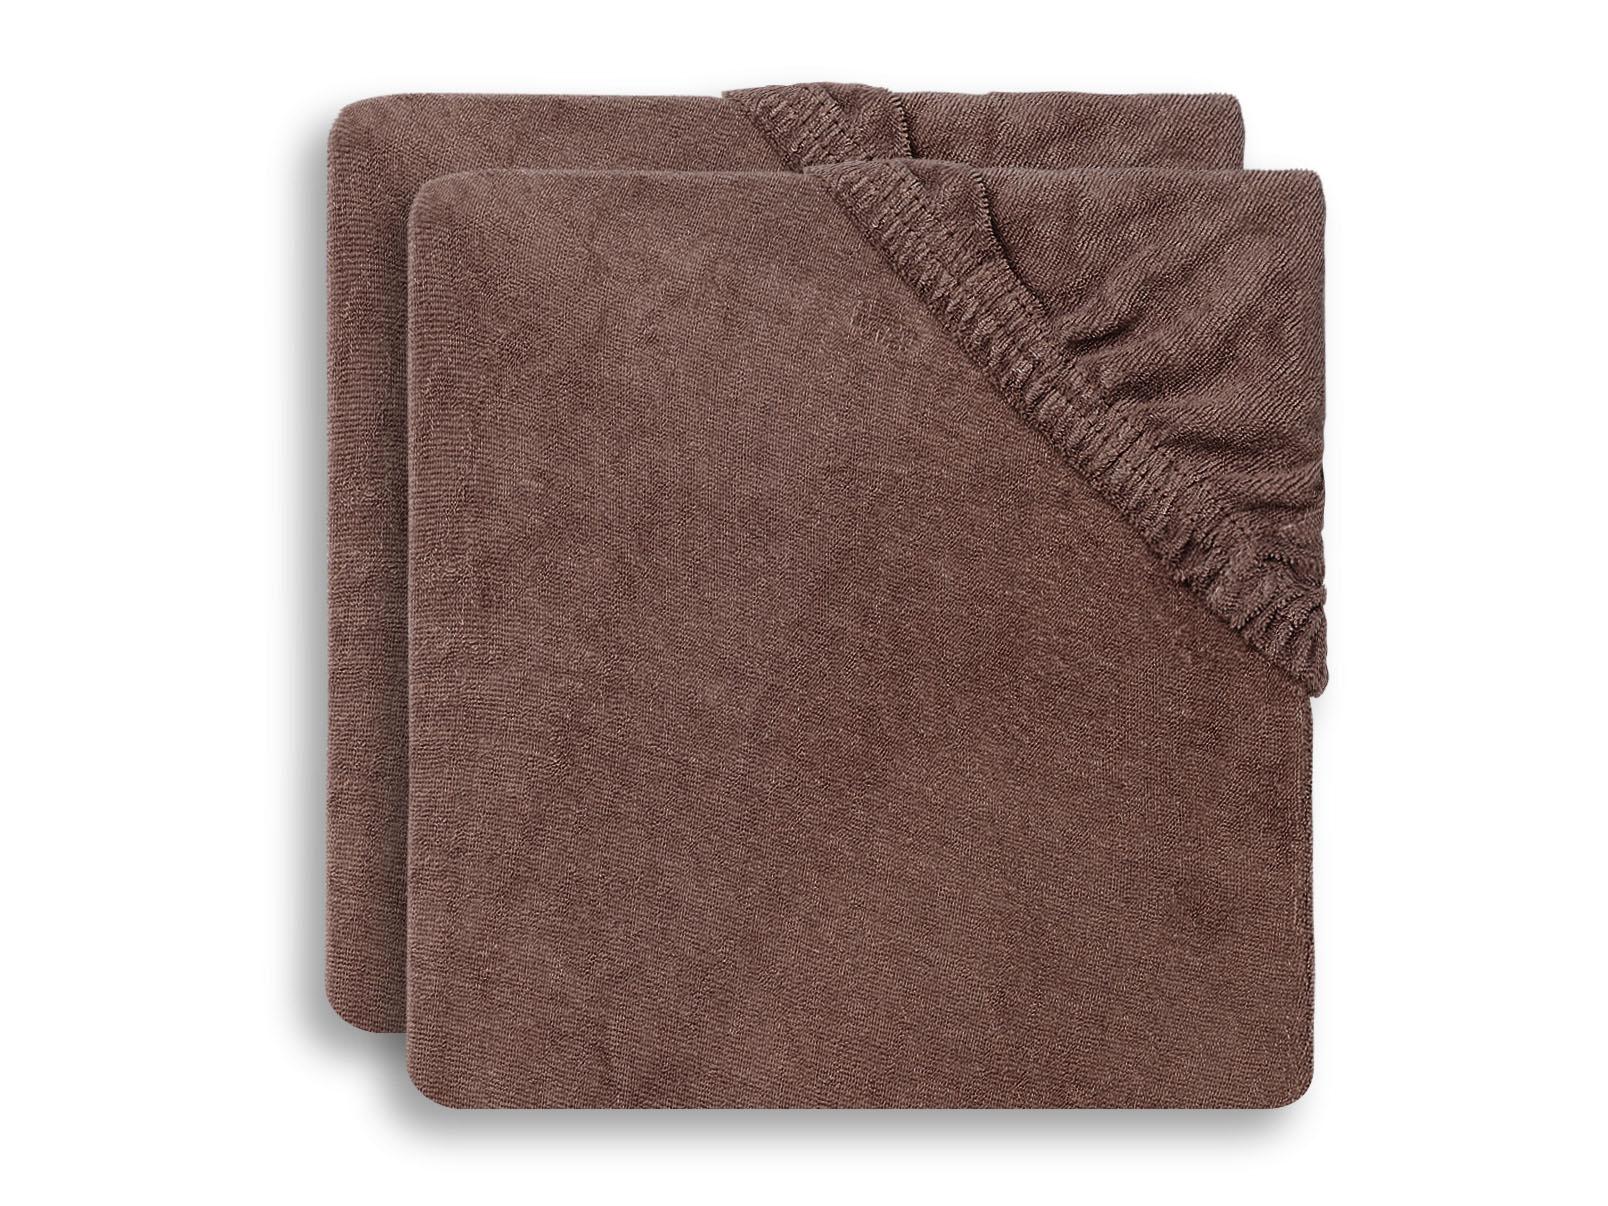 Afbeelding Jollein Aankleedkussenhoes 50x70cm I Chestnut (2pack)